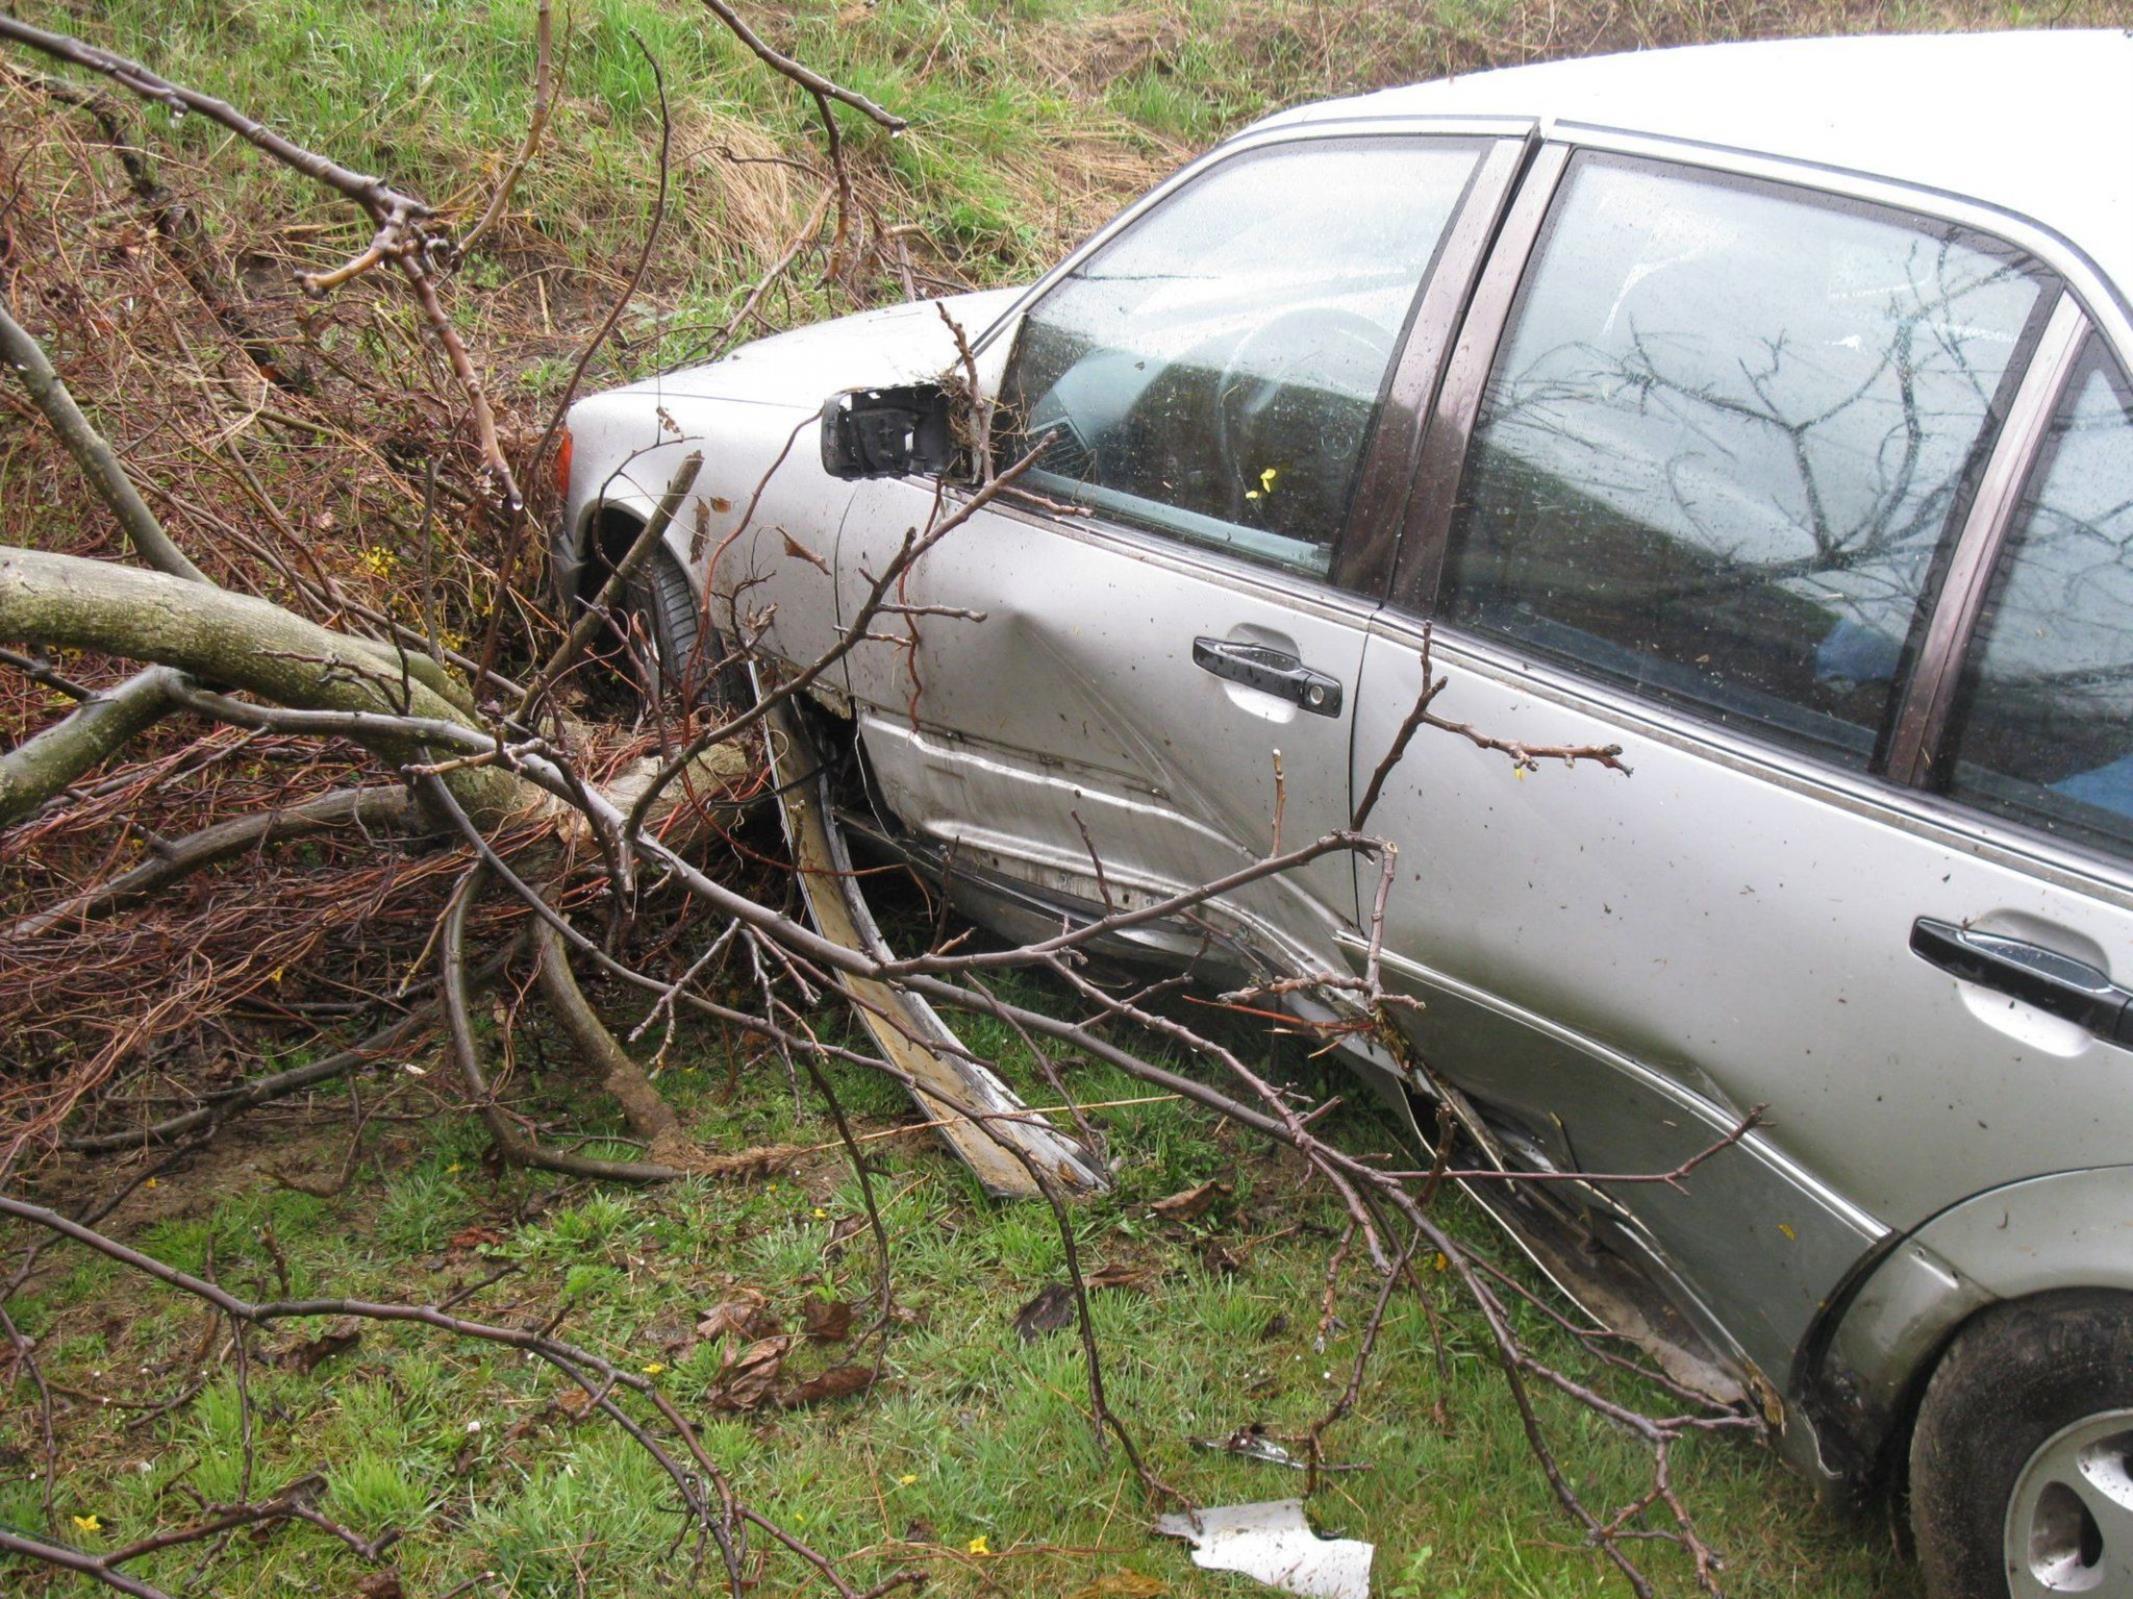 Glück im Unglück hatten die Insassen dieses Pkw in der Nähe von Niederrußbach